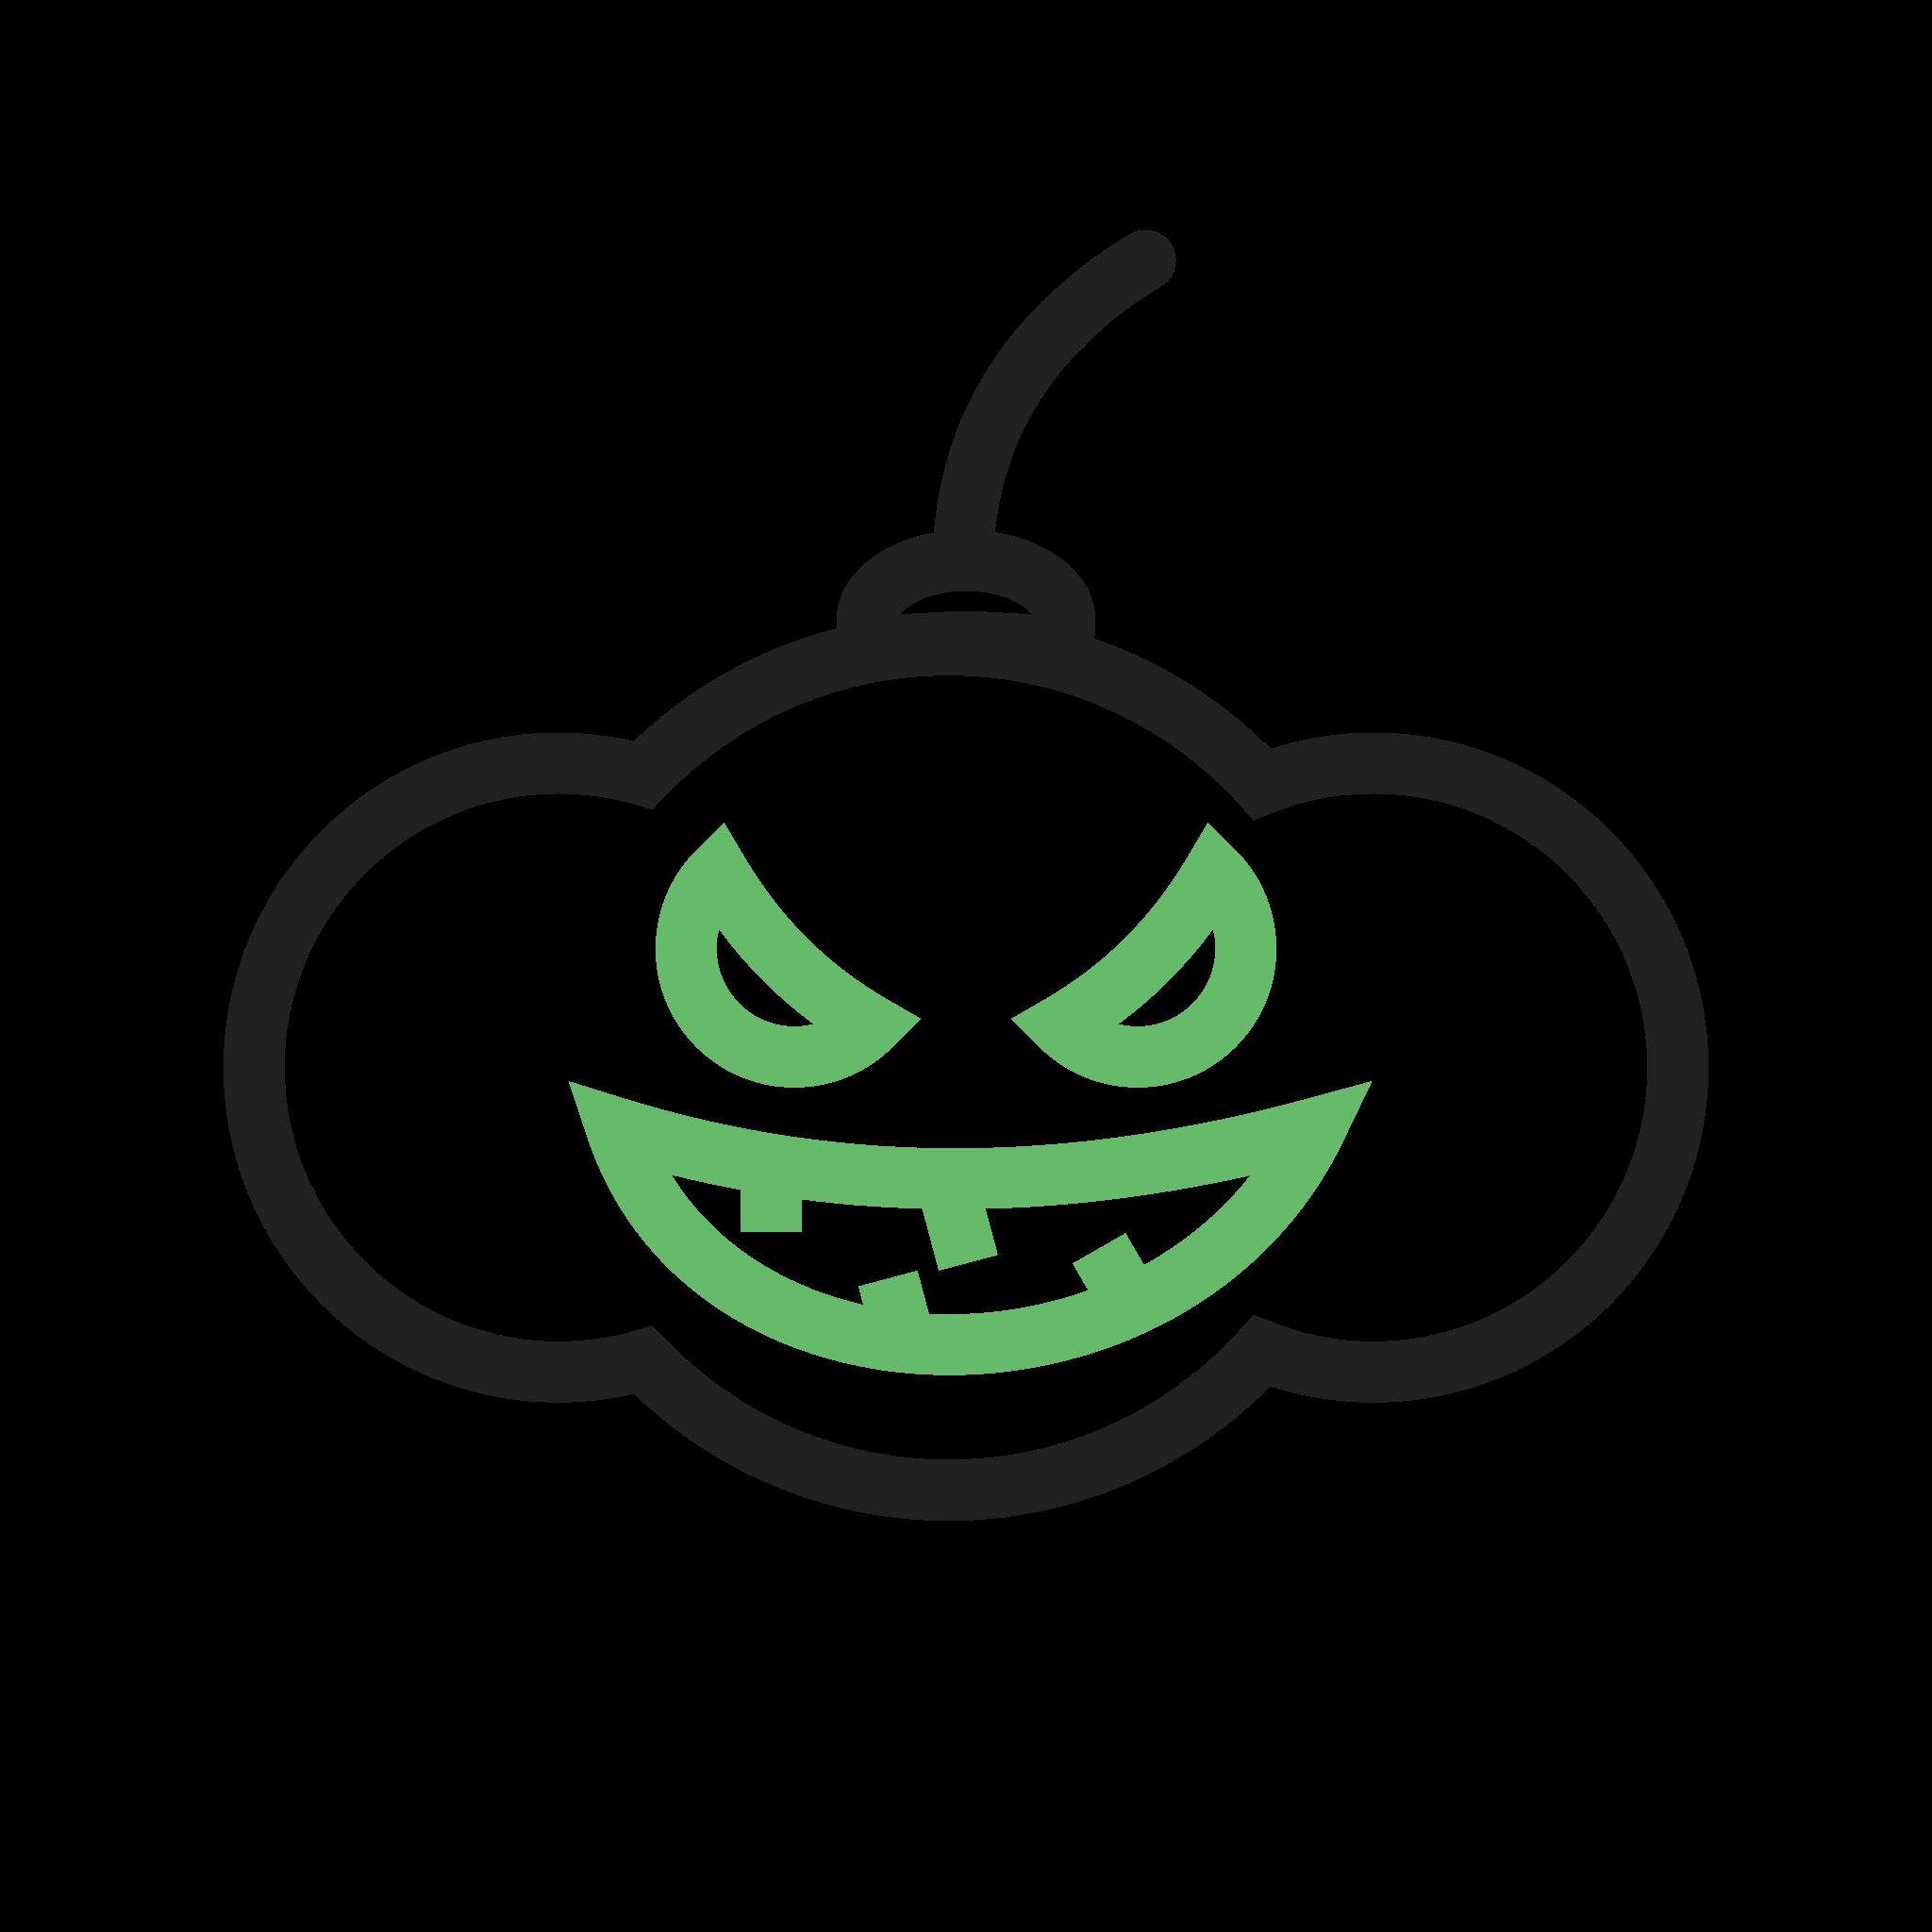 reshot-icon-pumpkin-7GJNUQM62X